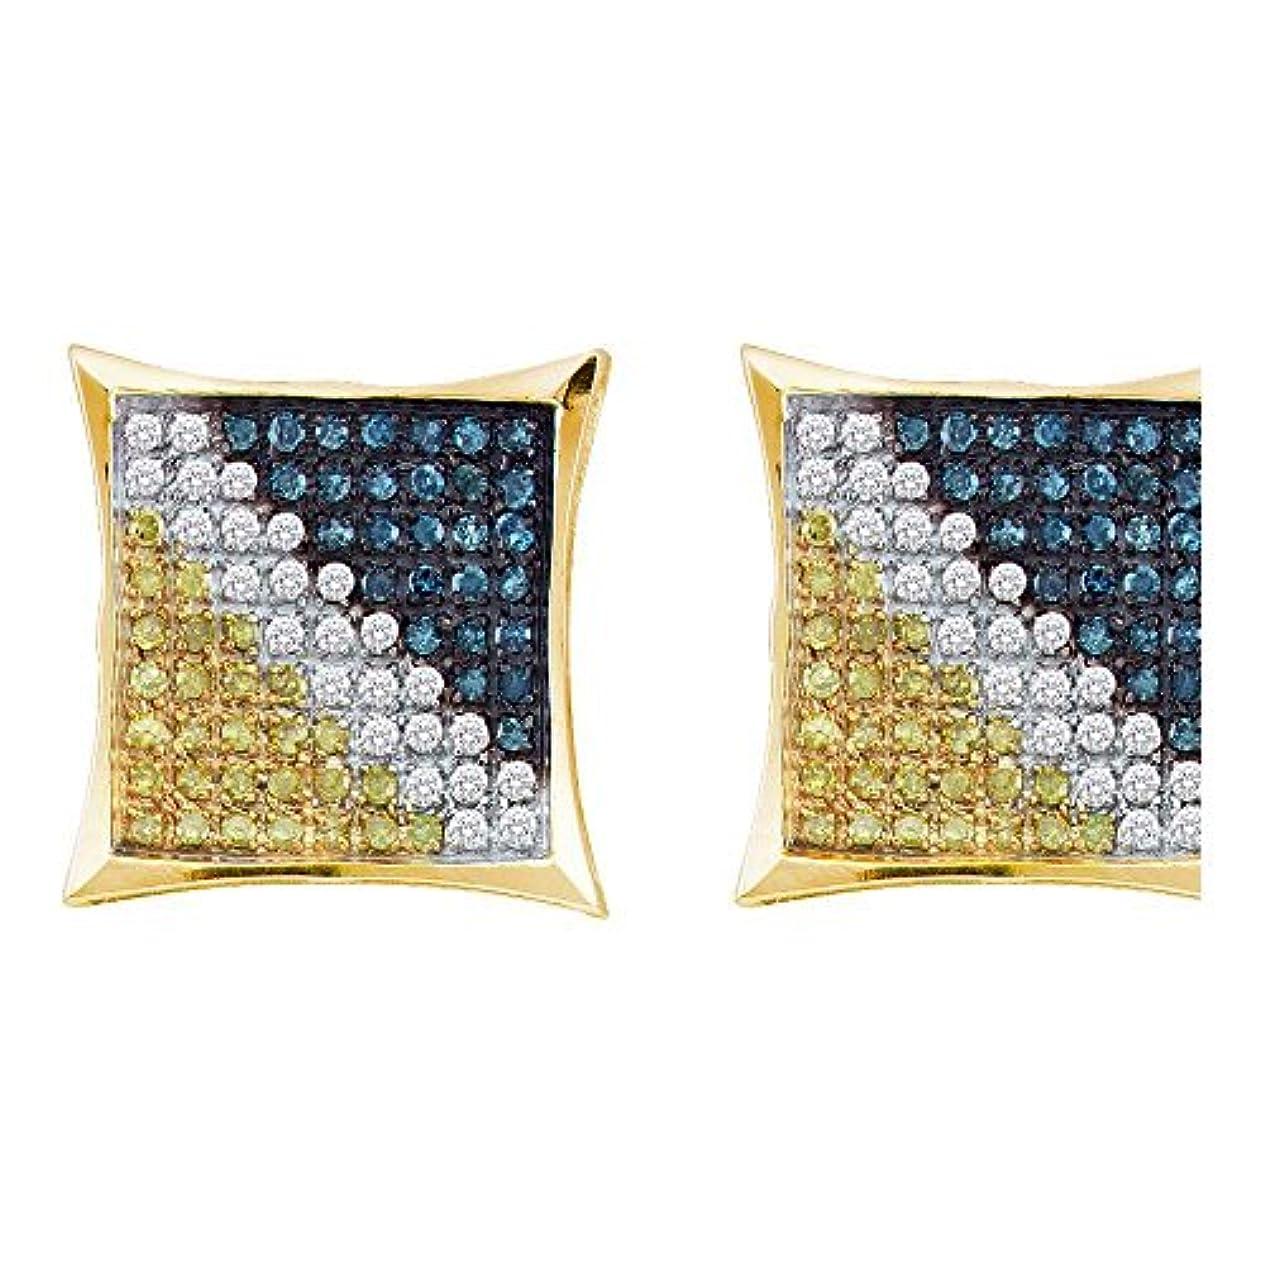 菊華氏移住する10 KTイエローゴールドメンズラウンドブルー色Enhancedダイヤモンド正方形Kiteイヤリング1 / 20 cttw